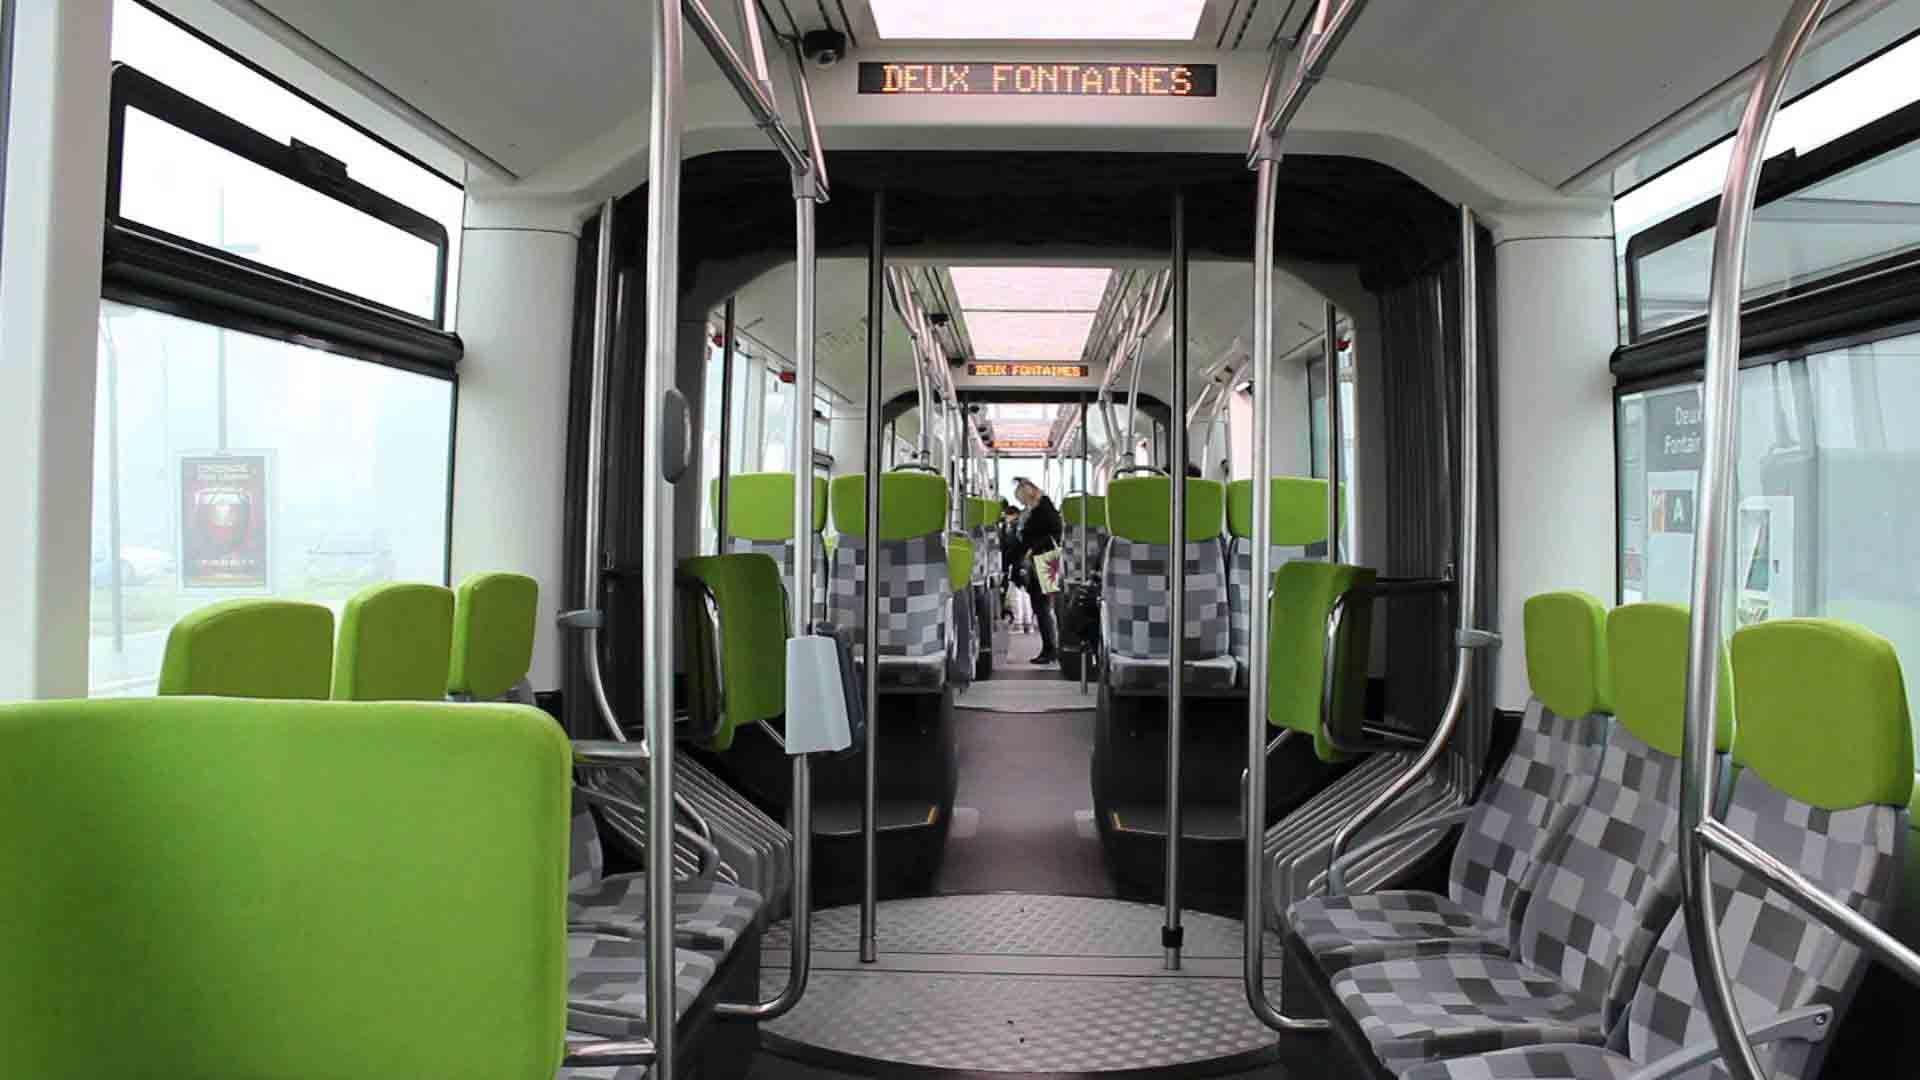 C Est Le Must le tram'bus, c'est le must | metro | pinterest | transportation